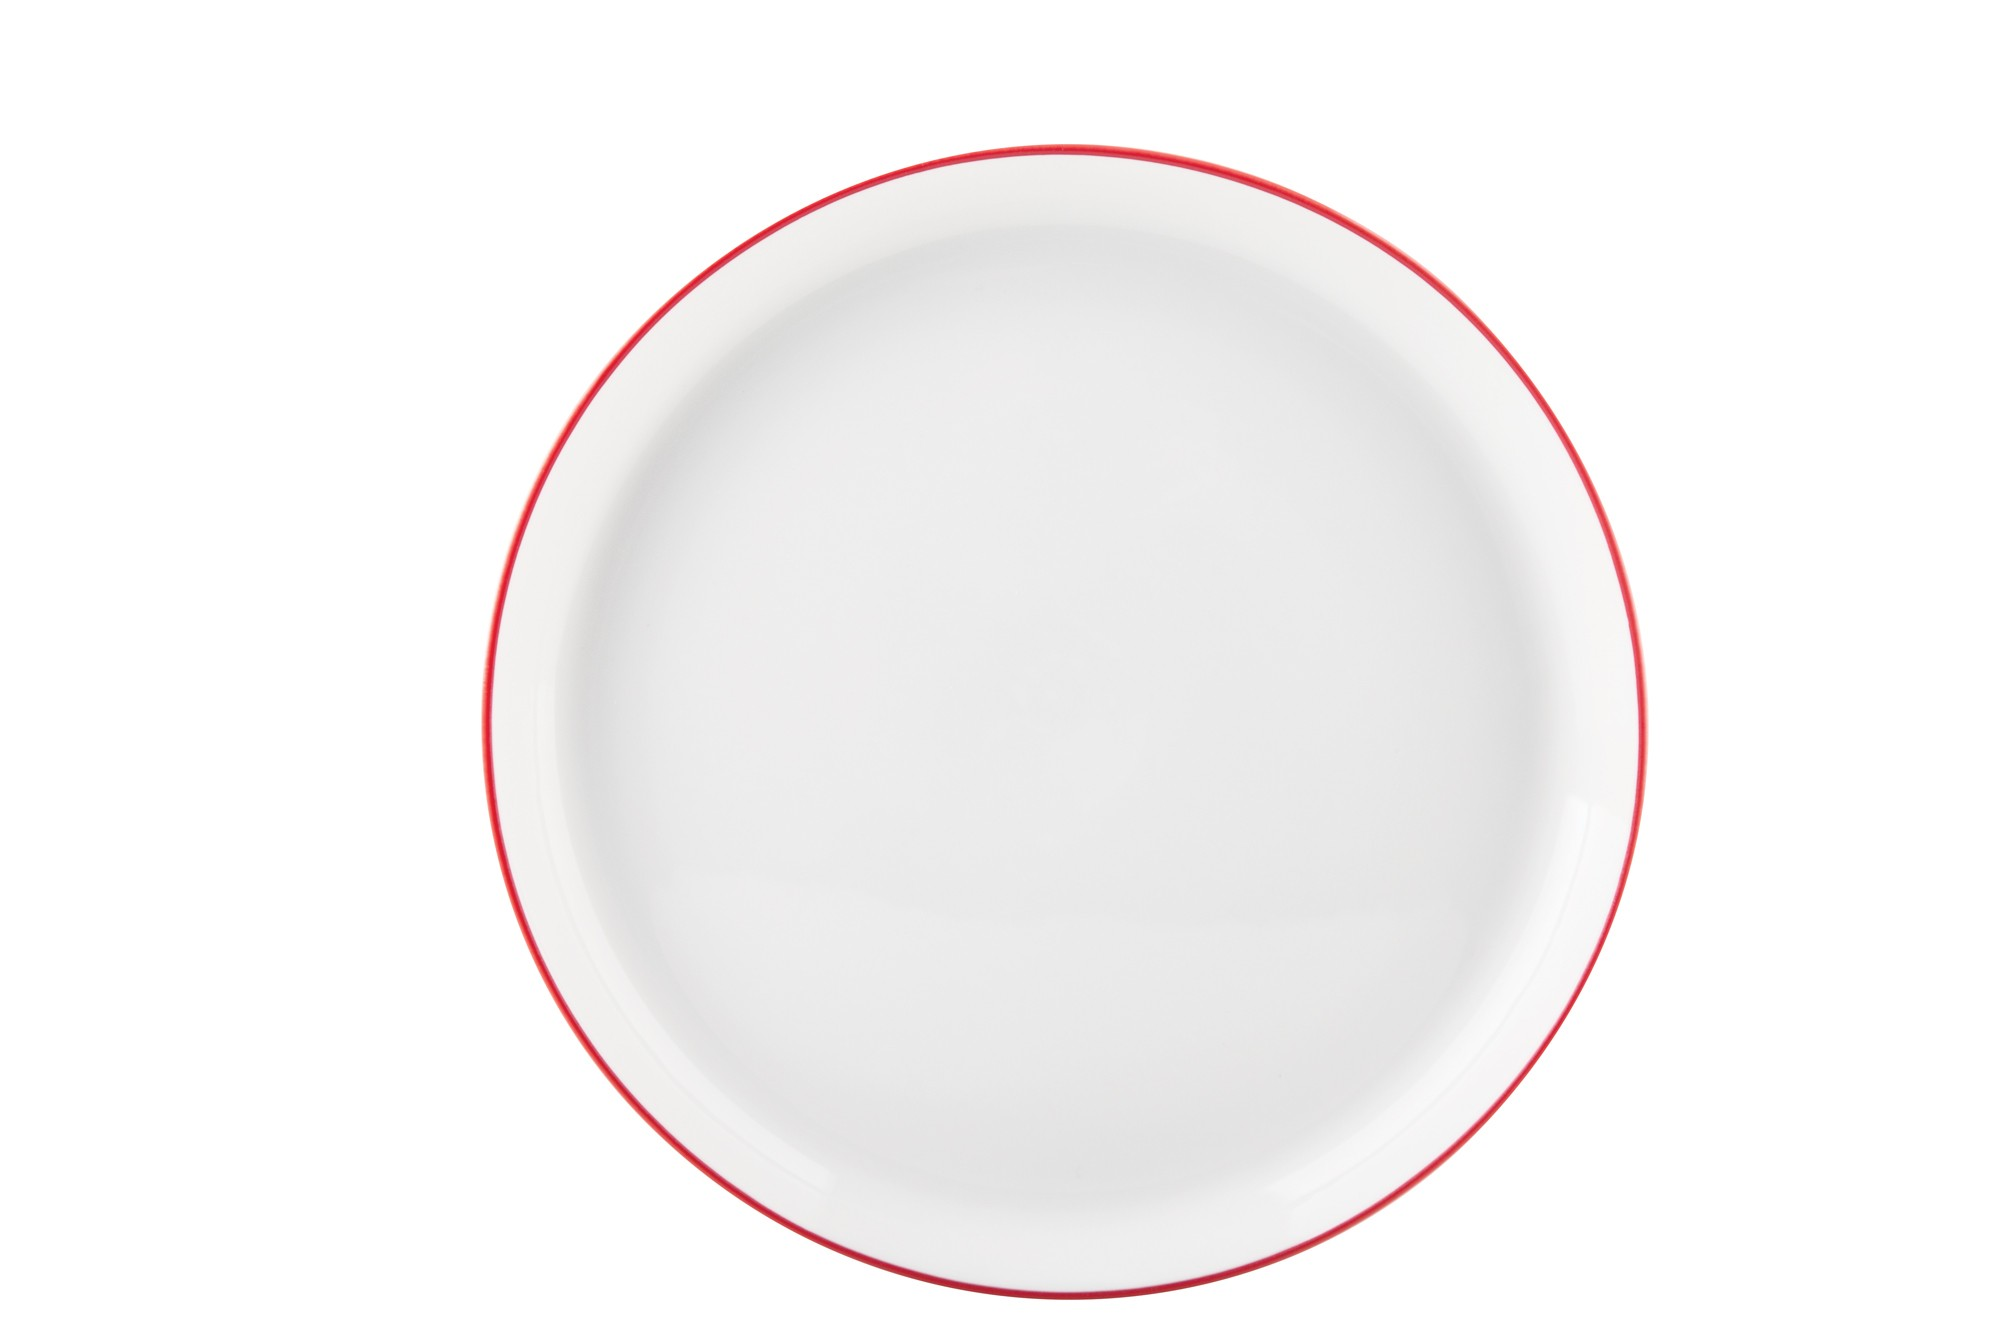 Πιάτο Φρούτου Σετ 6Τμχ Symetry Red 21cm Ionia home   ειδη σερβιρισματος   πιάτα